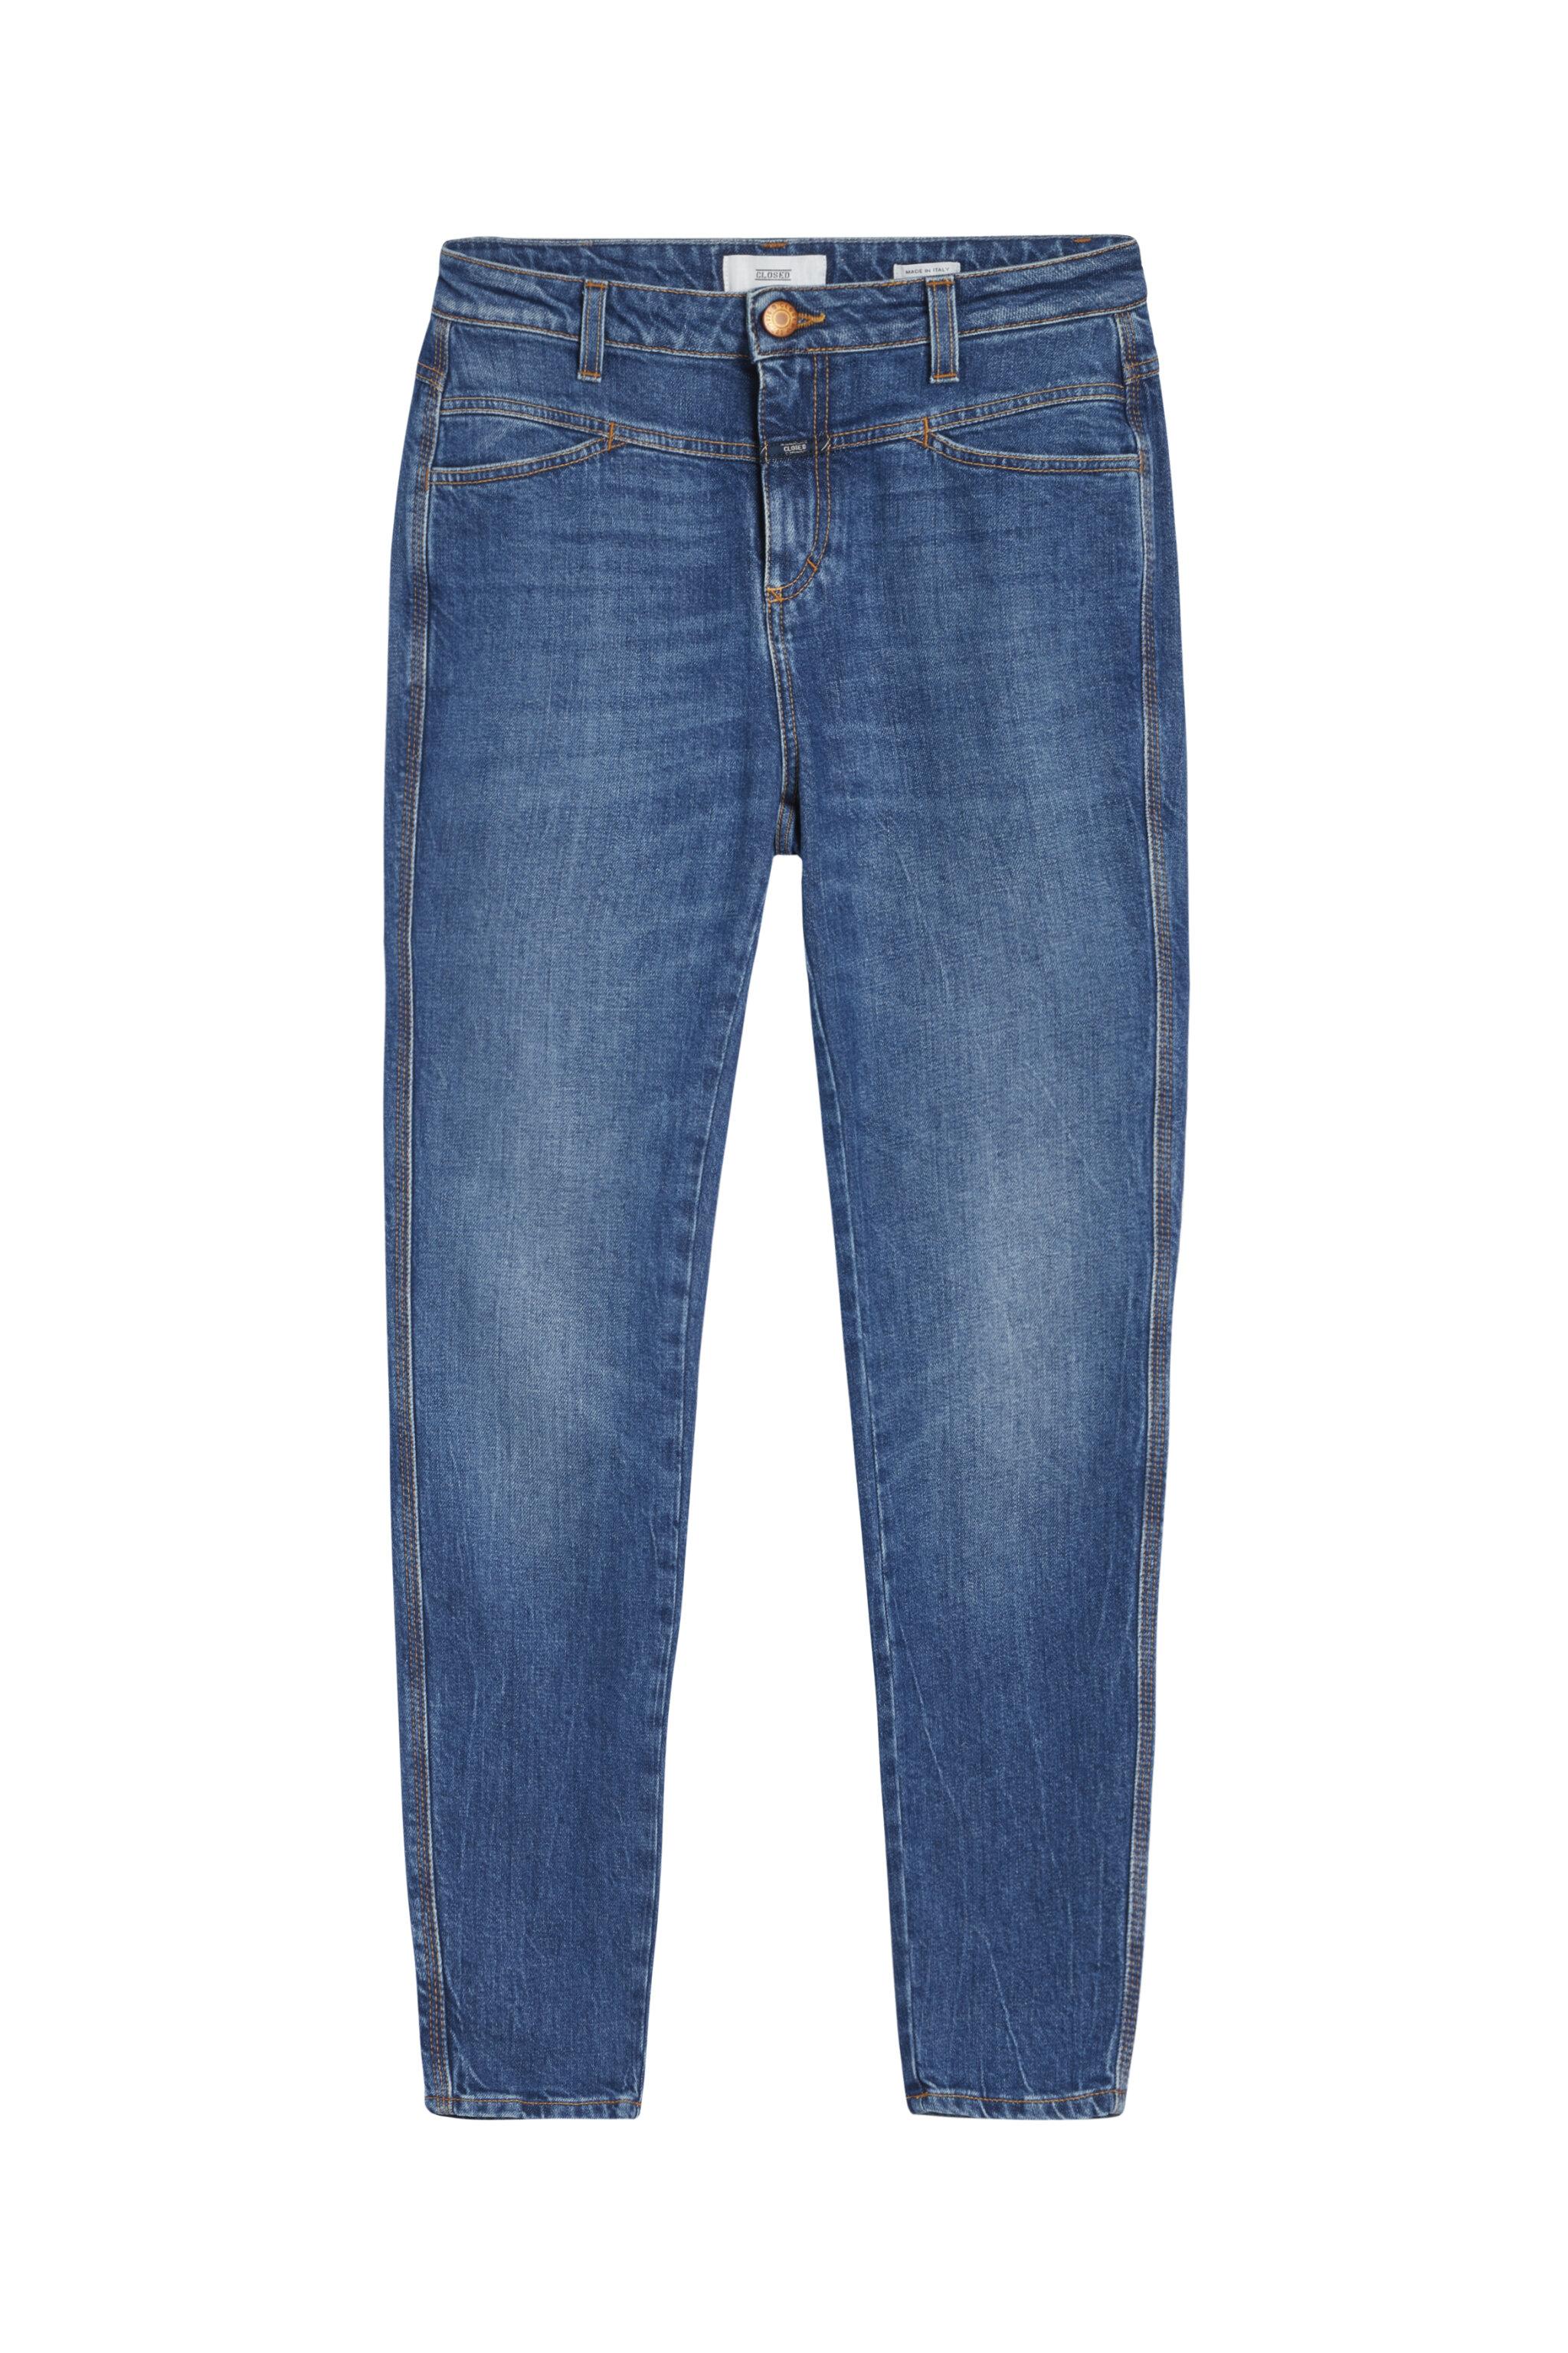 - Damen CLOSED Skinny Pusher Authentic Blue Stretch Denim | 4054736691465